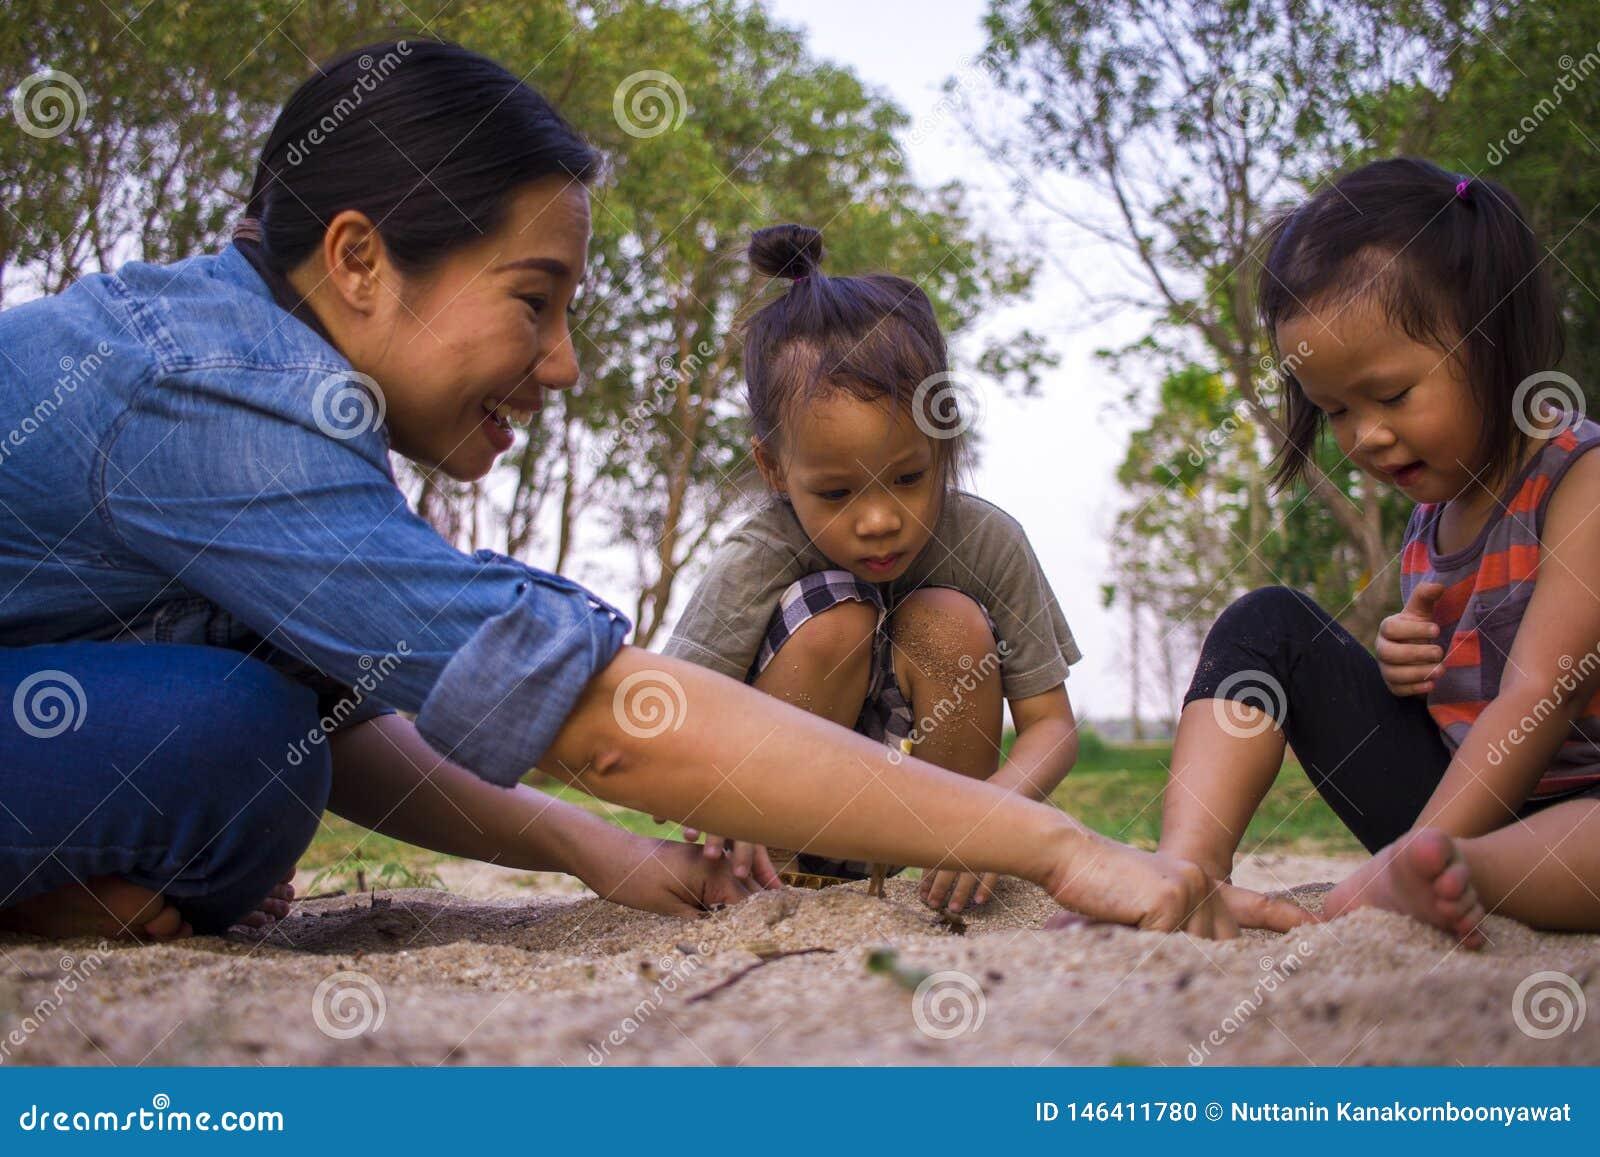 Van de het mammazoon en dochter van het levensstijlportret het spelen met zand, Grappige Aziatische familie in een park